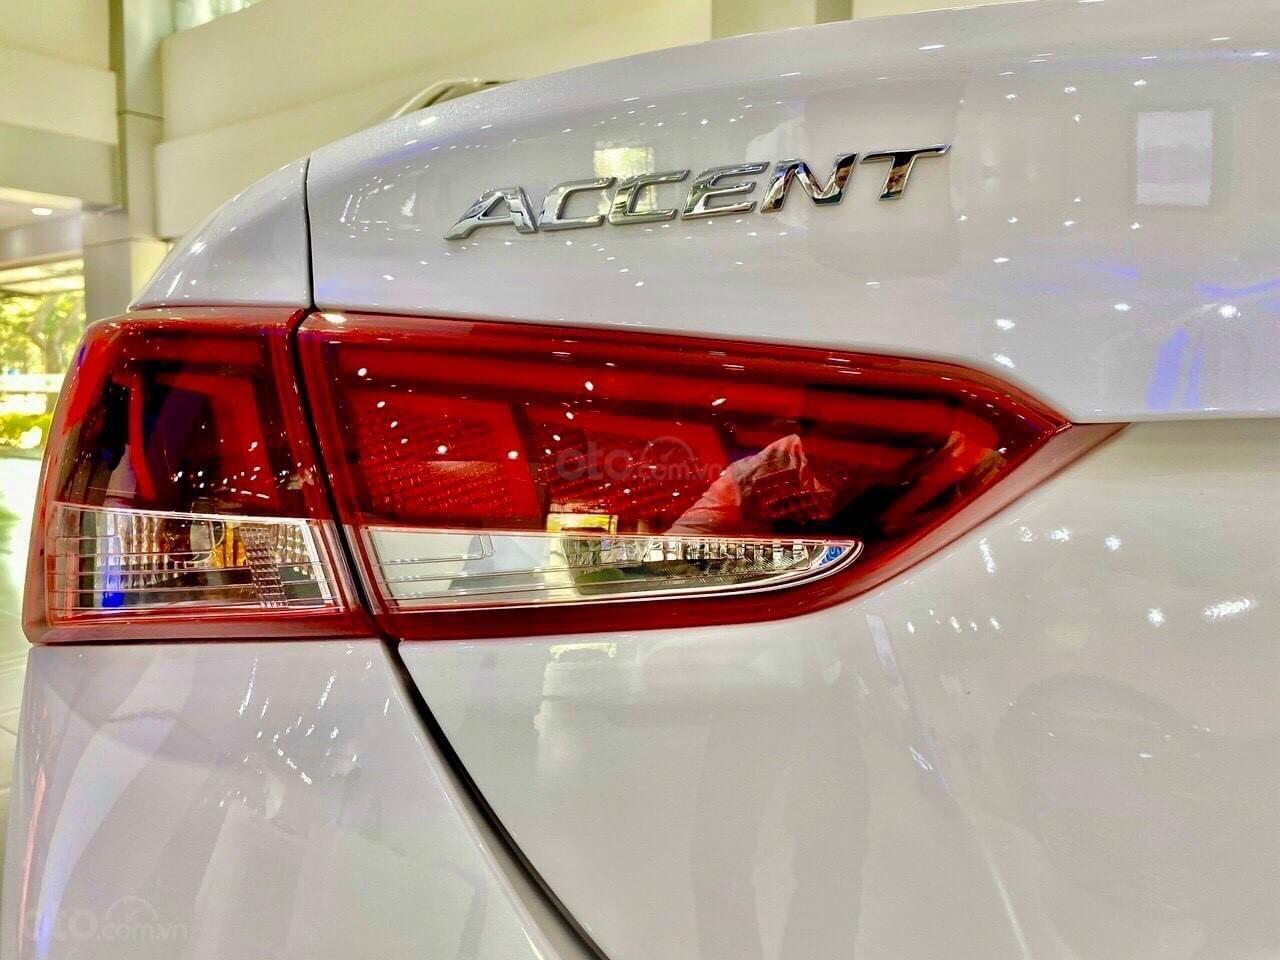 {Hyundai Miền Nam} Hyundai Accent 2021 có sẵn đủ màu tặng phụ kiện: Combo 7 món phụ kiện chính hãng (3)